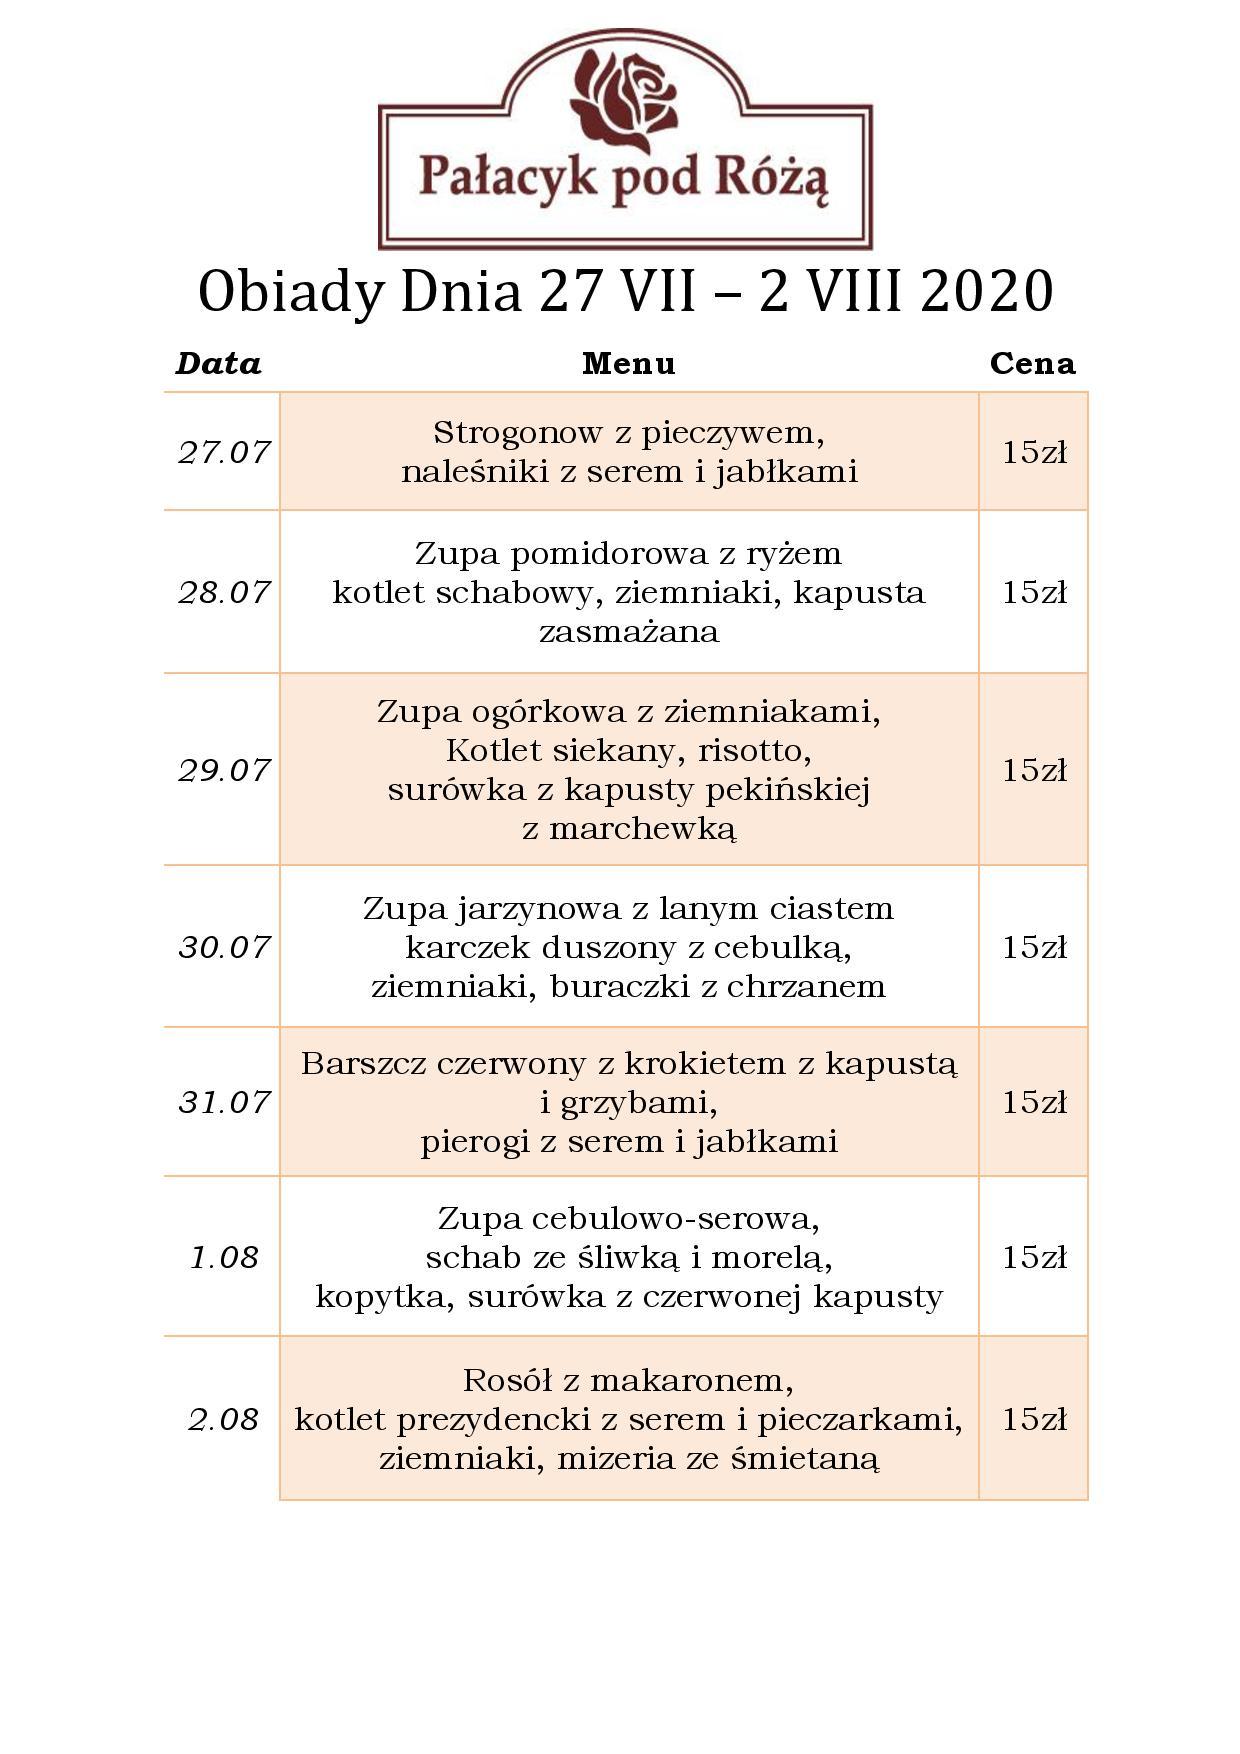 Obiady Dnia 27 VII – 2 VIII 2020